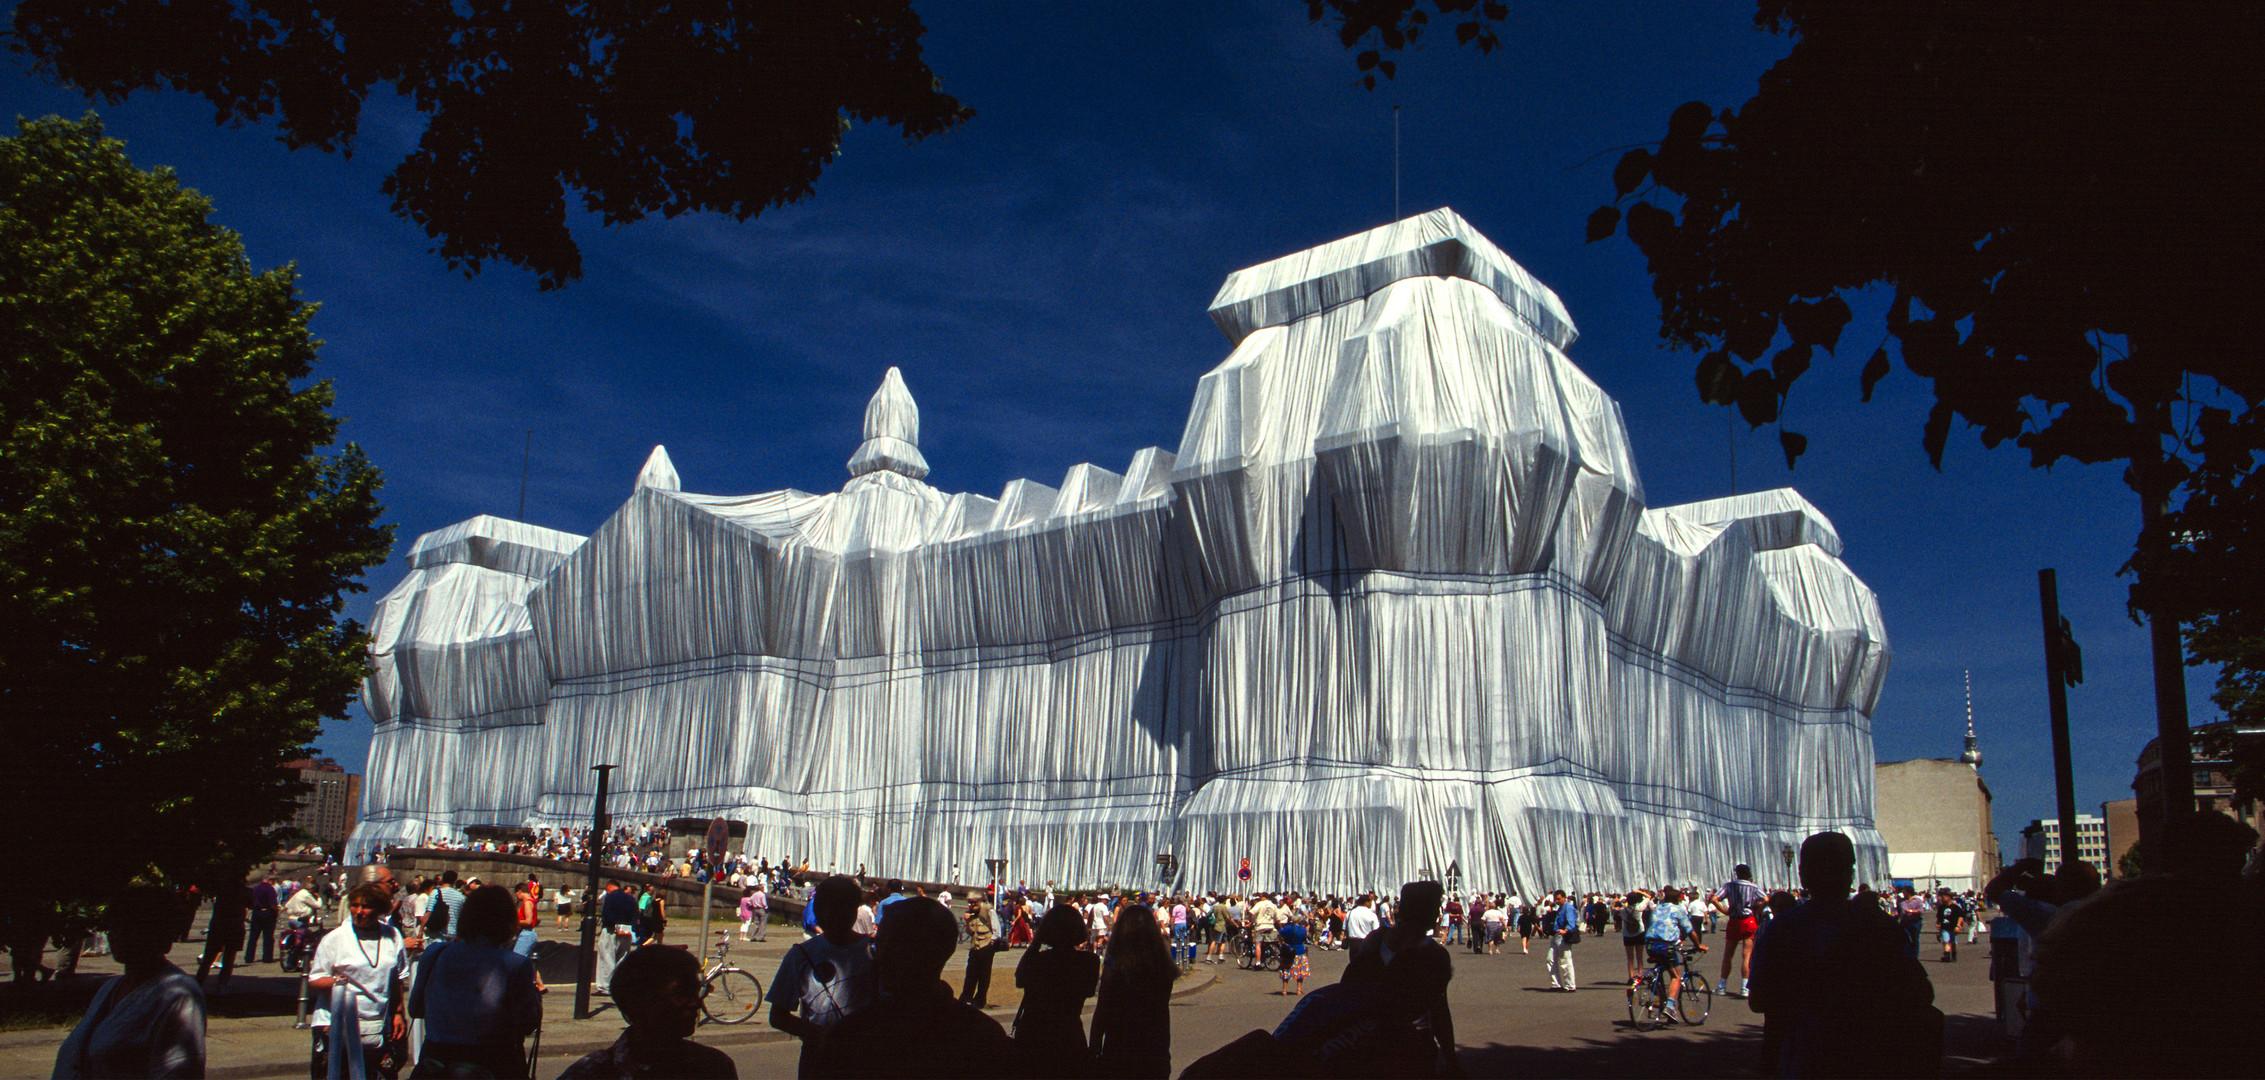 Verhüllter Reichstag